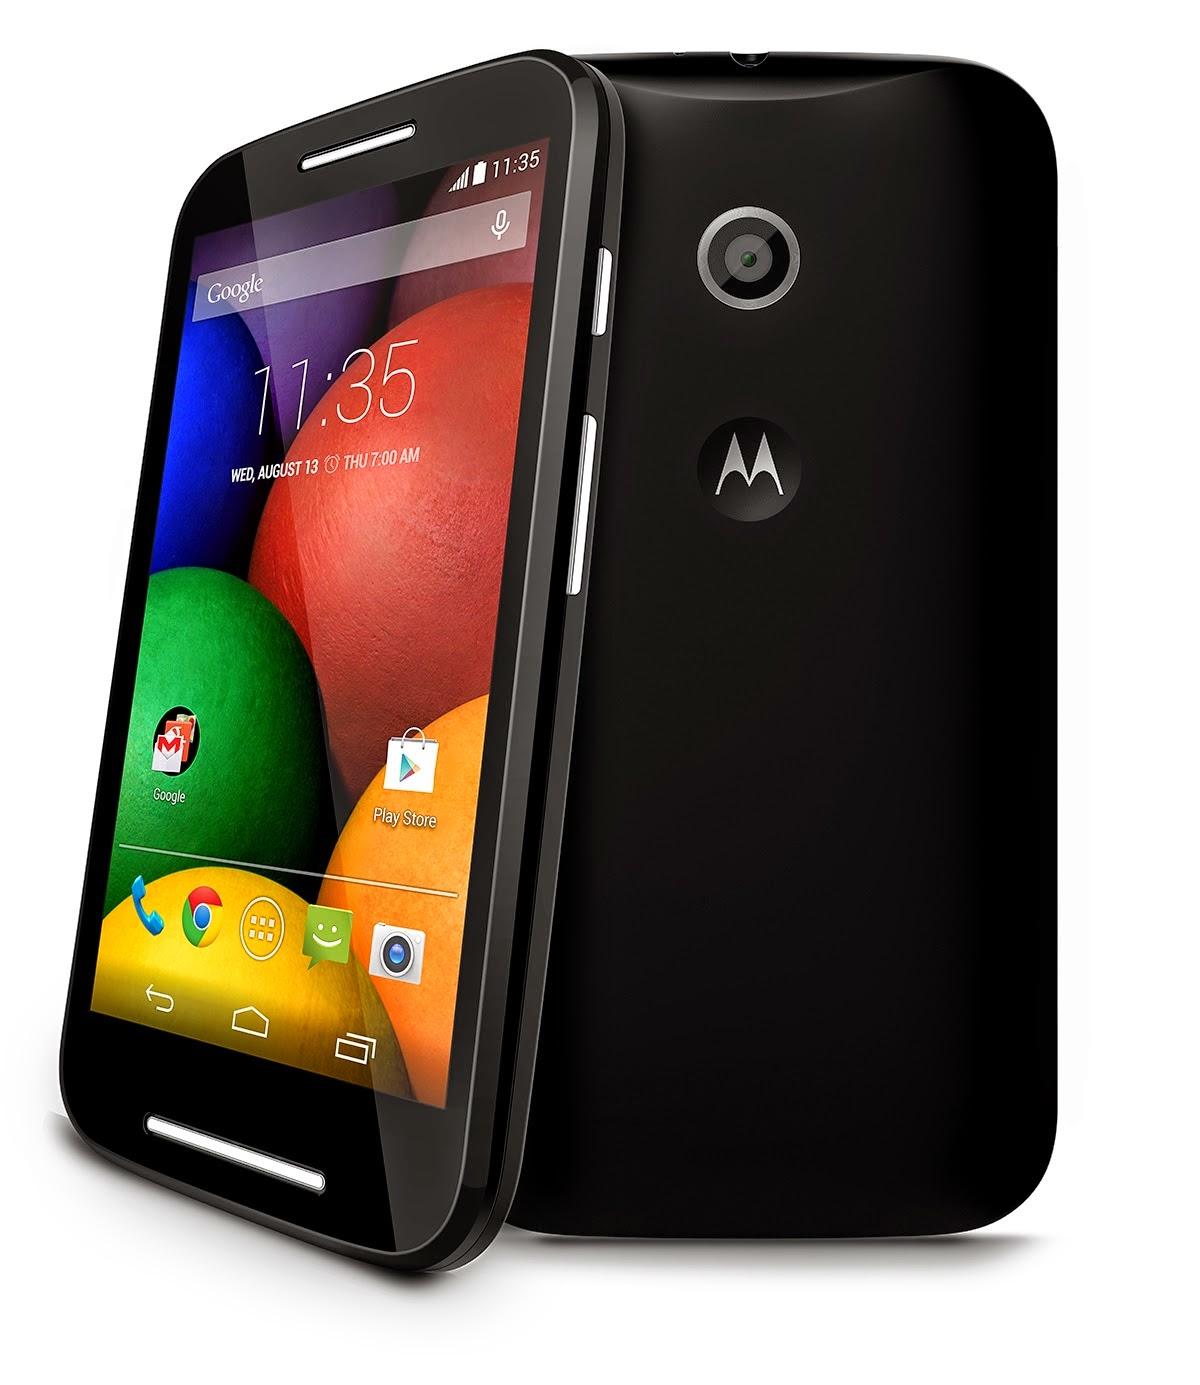 Motorola moto g coupons